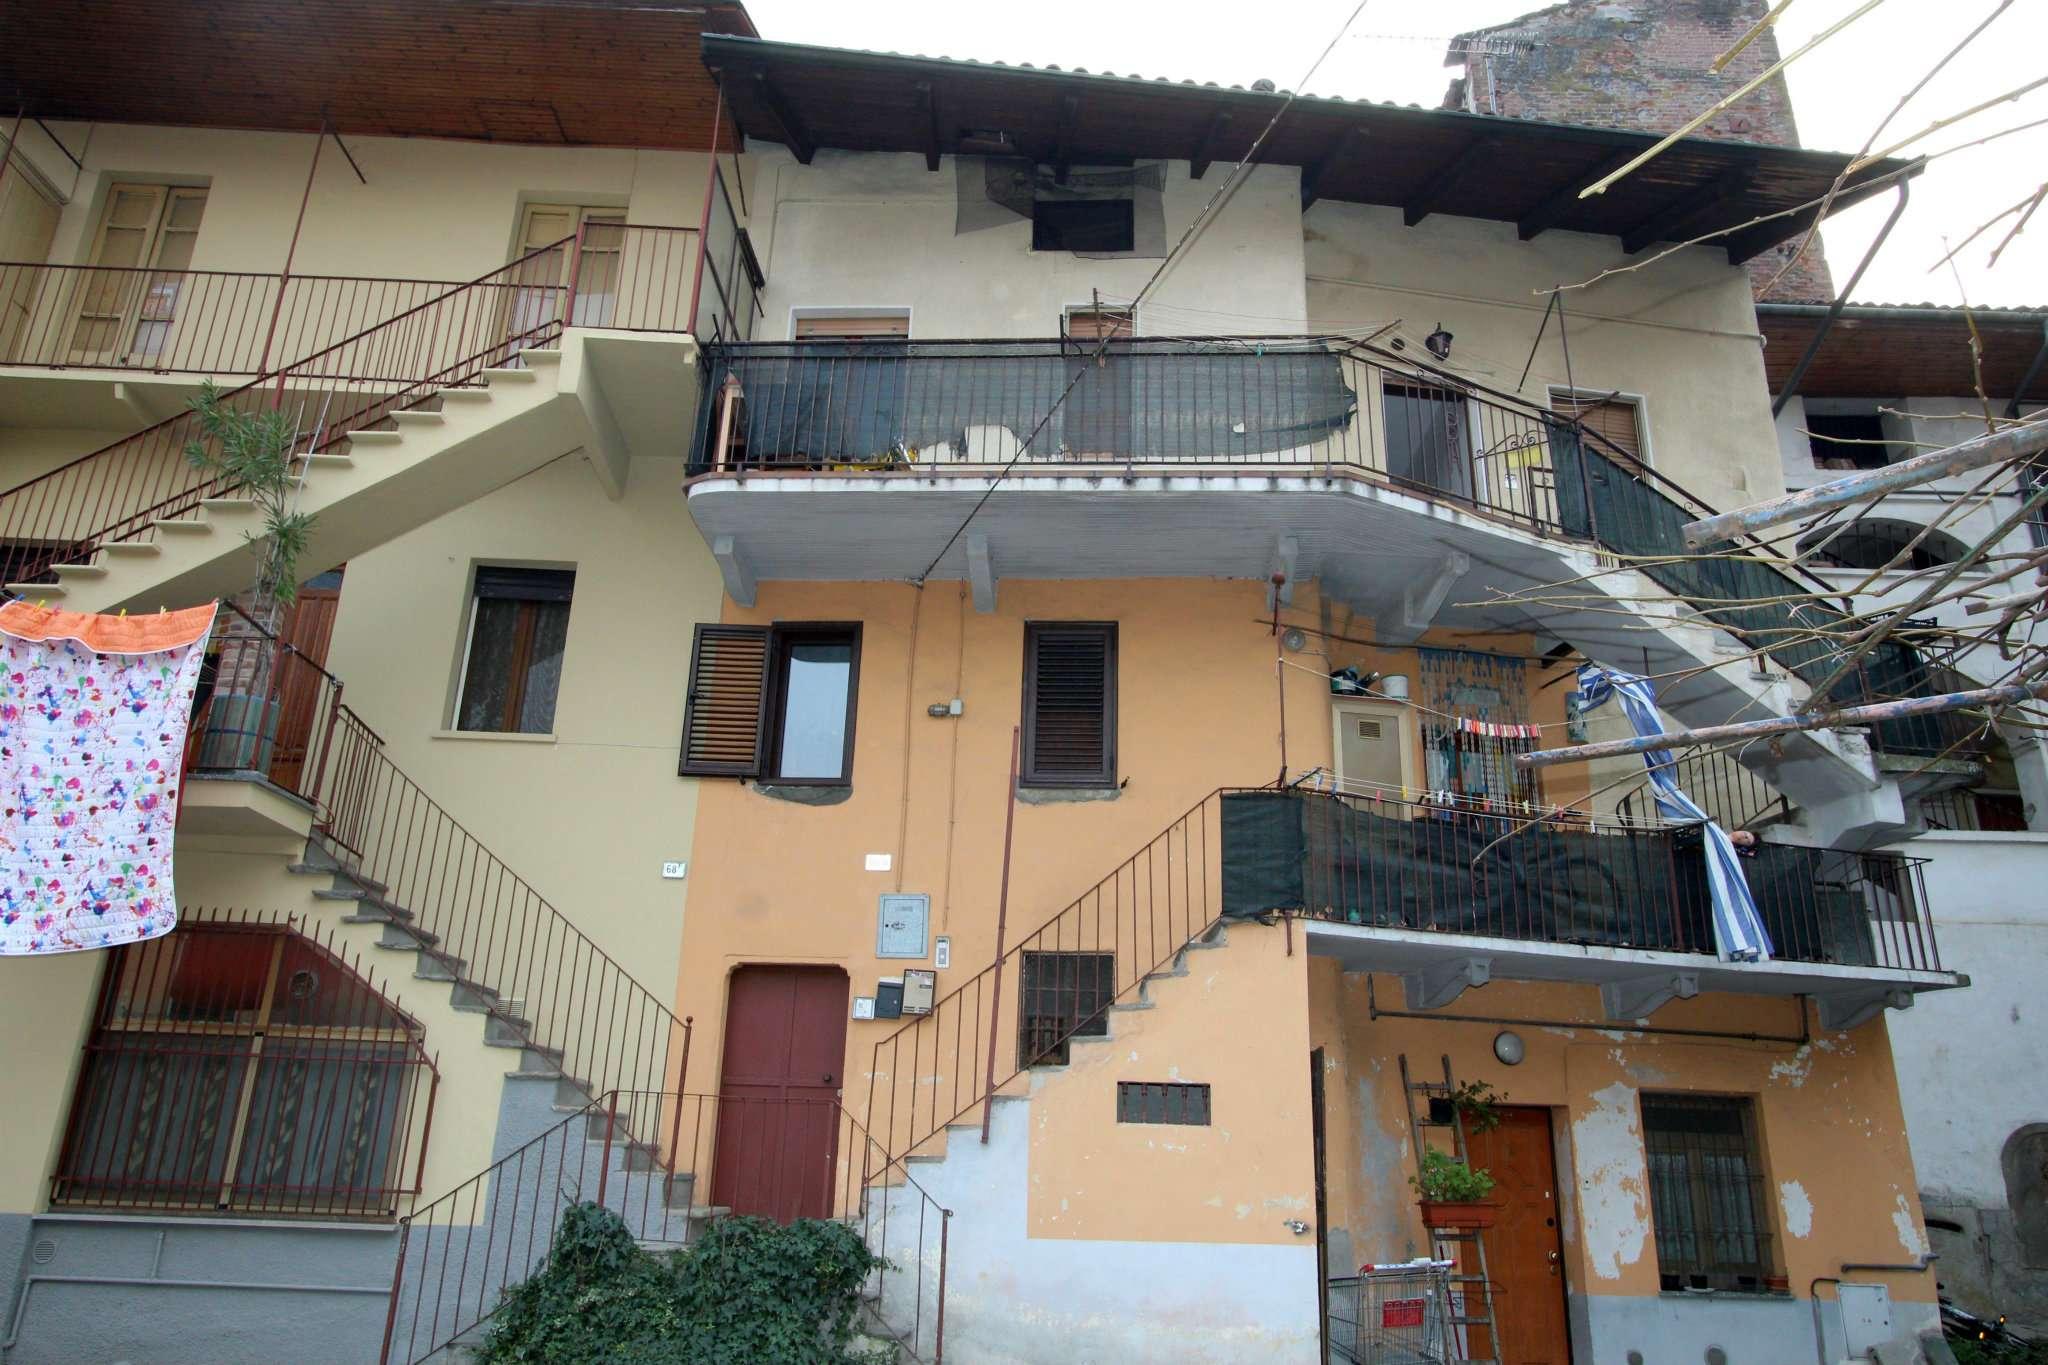 Appartamento in vendita a Sant'Ambrogio di Torino, 4 locali, prezzo € 65.500 | PortaleAgenzieImmobiliari.it